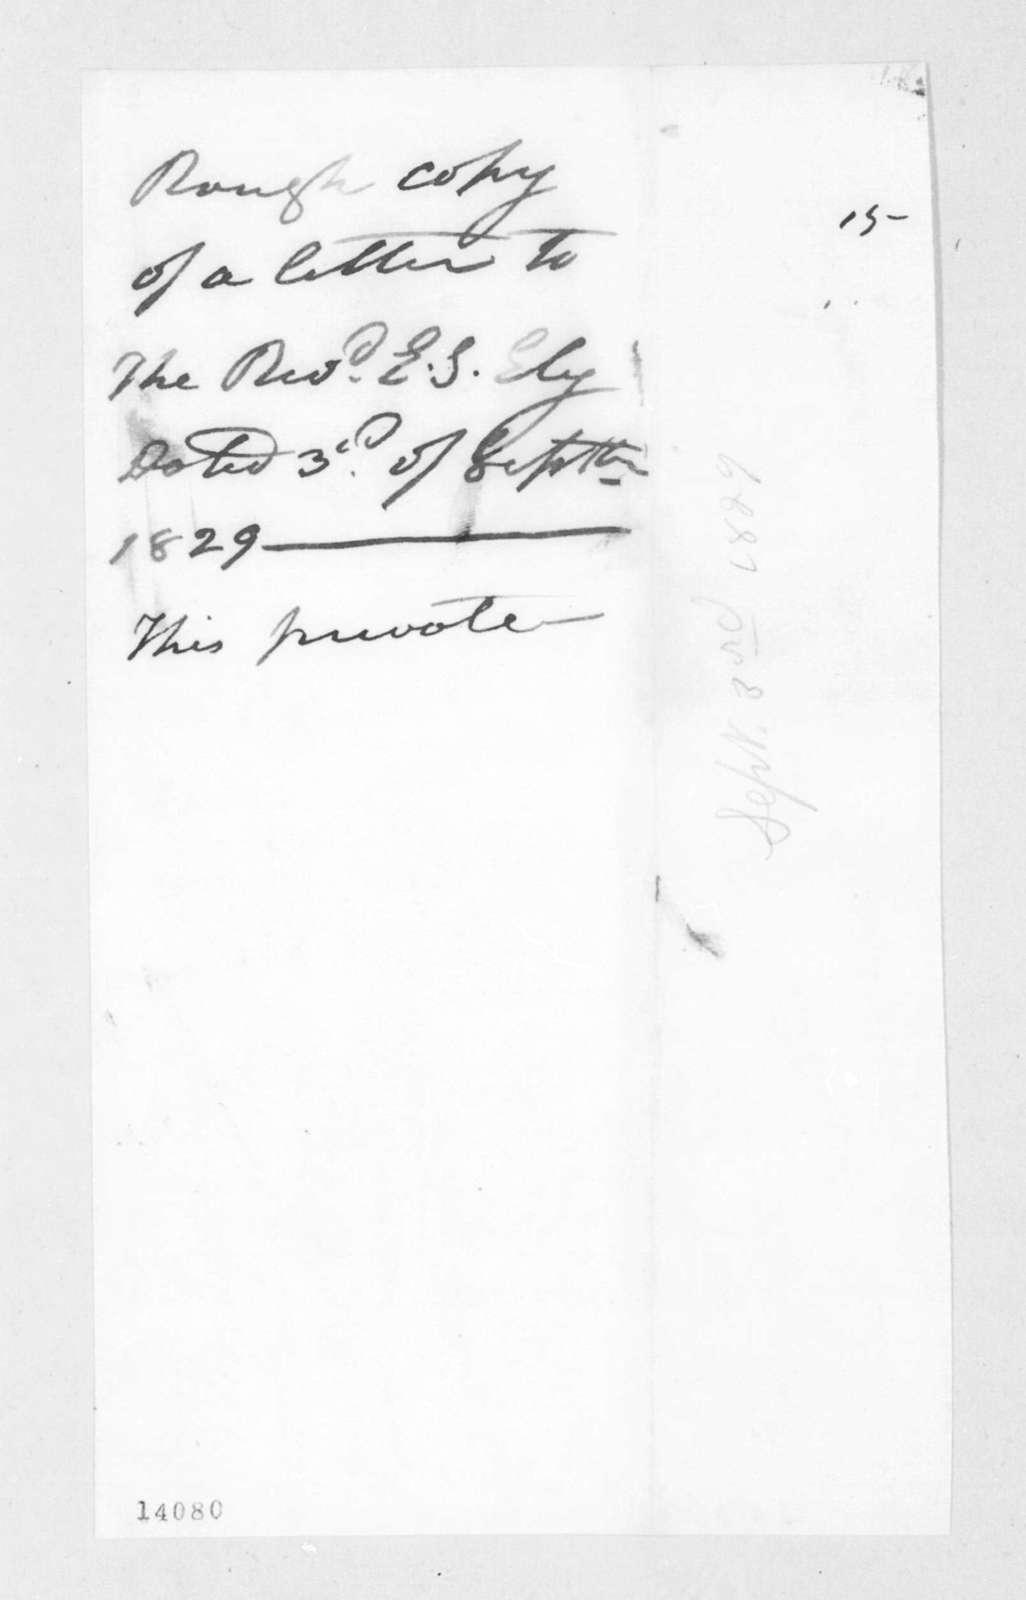 Andrew Jackson to Ezra Stiles Ely, September 3, 1829